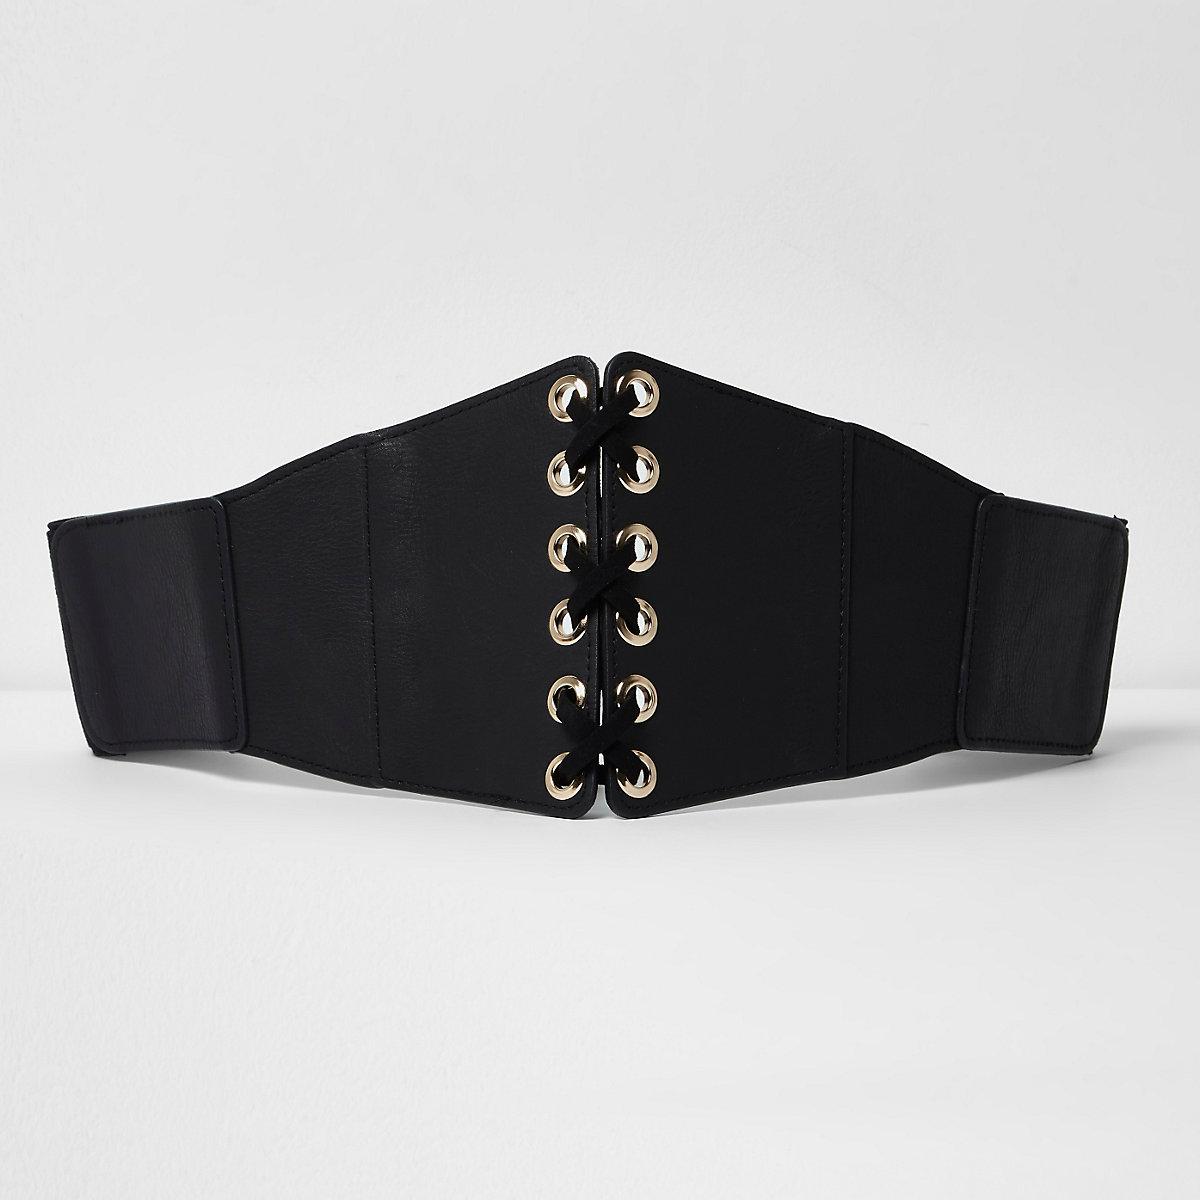 Zwarte brede riem met strik voor